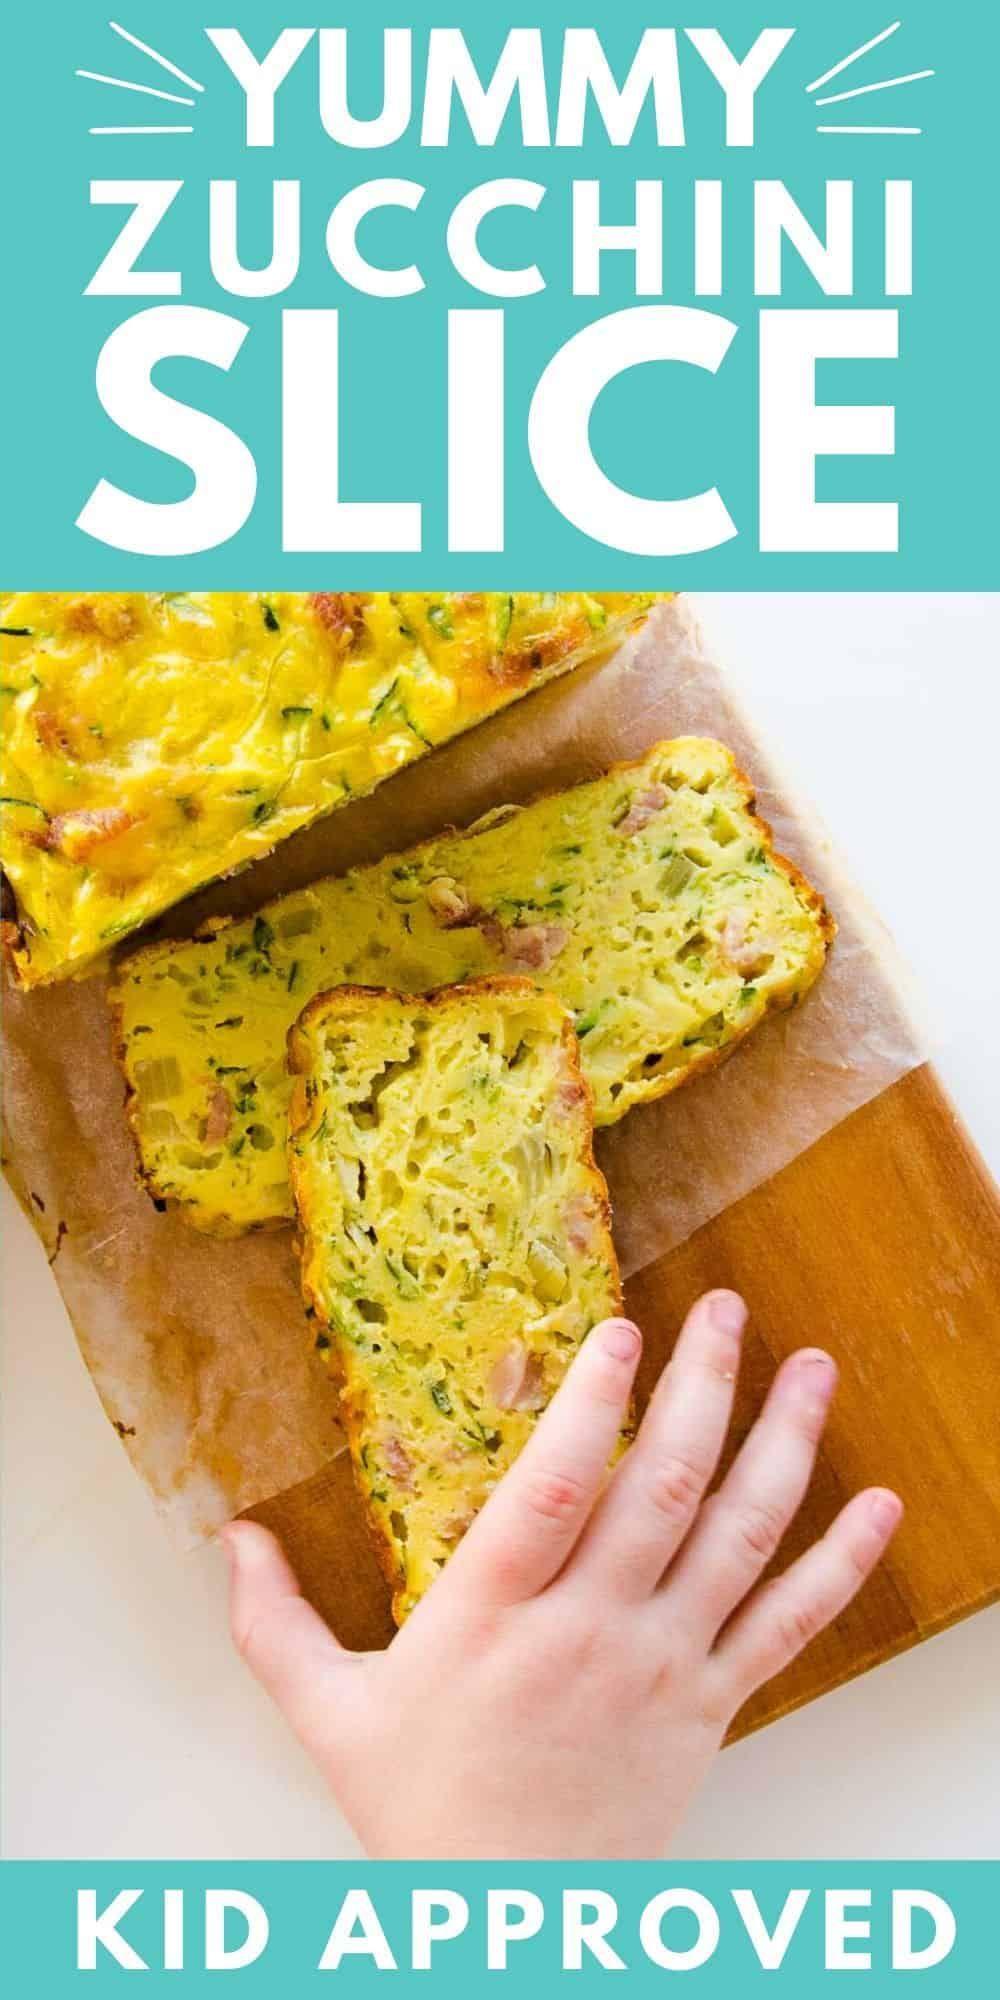 Easy Zucchini Slice | A Family Favourite | Lunchbox Idea